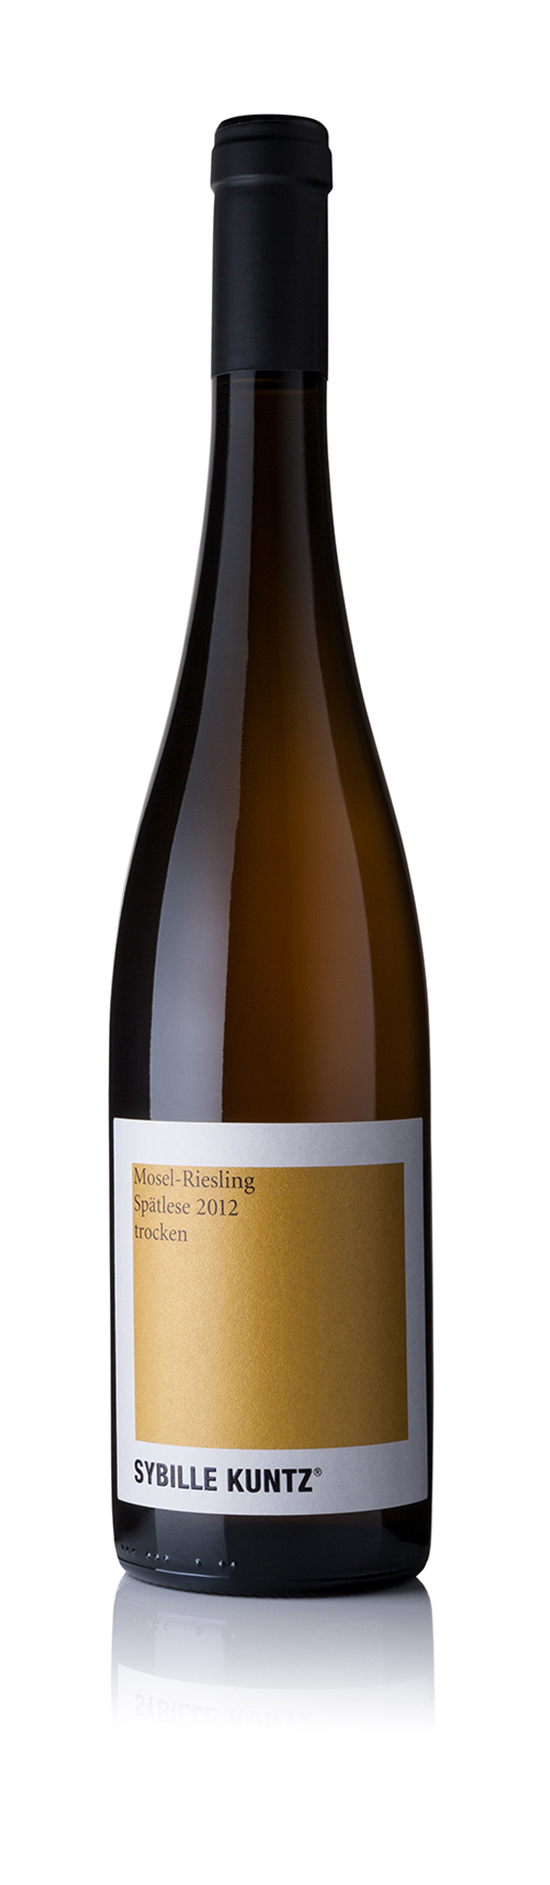 2012 SYBILLE KUNTZ Mosel-Riesling Spätlese trocken 0,75 l